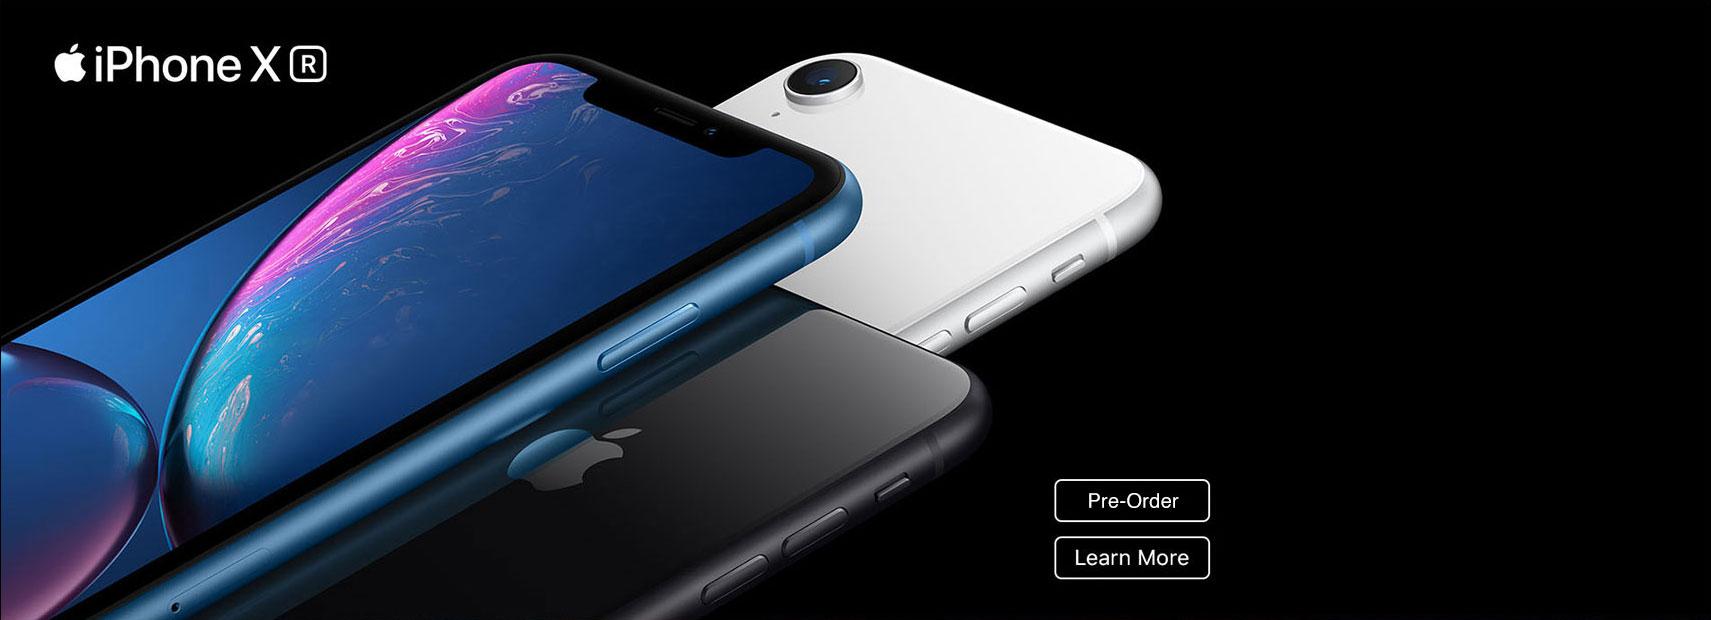 iPhone XR pre order